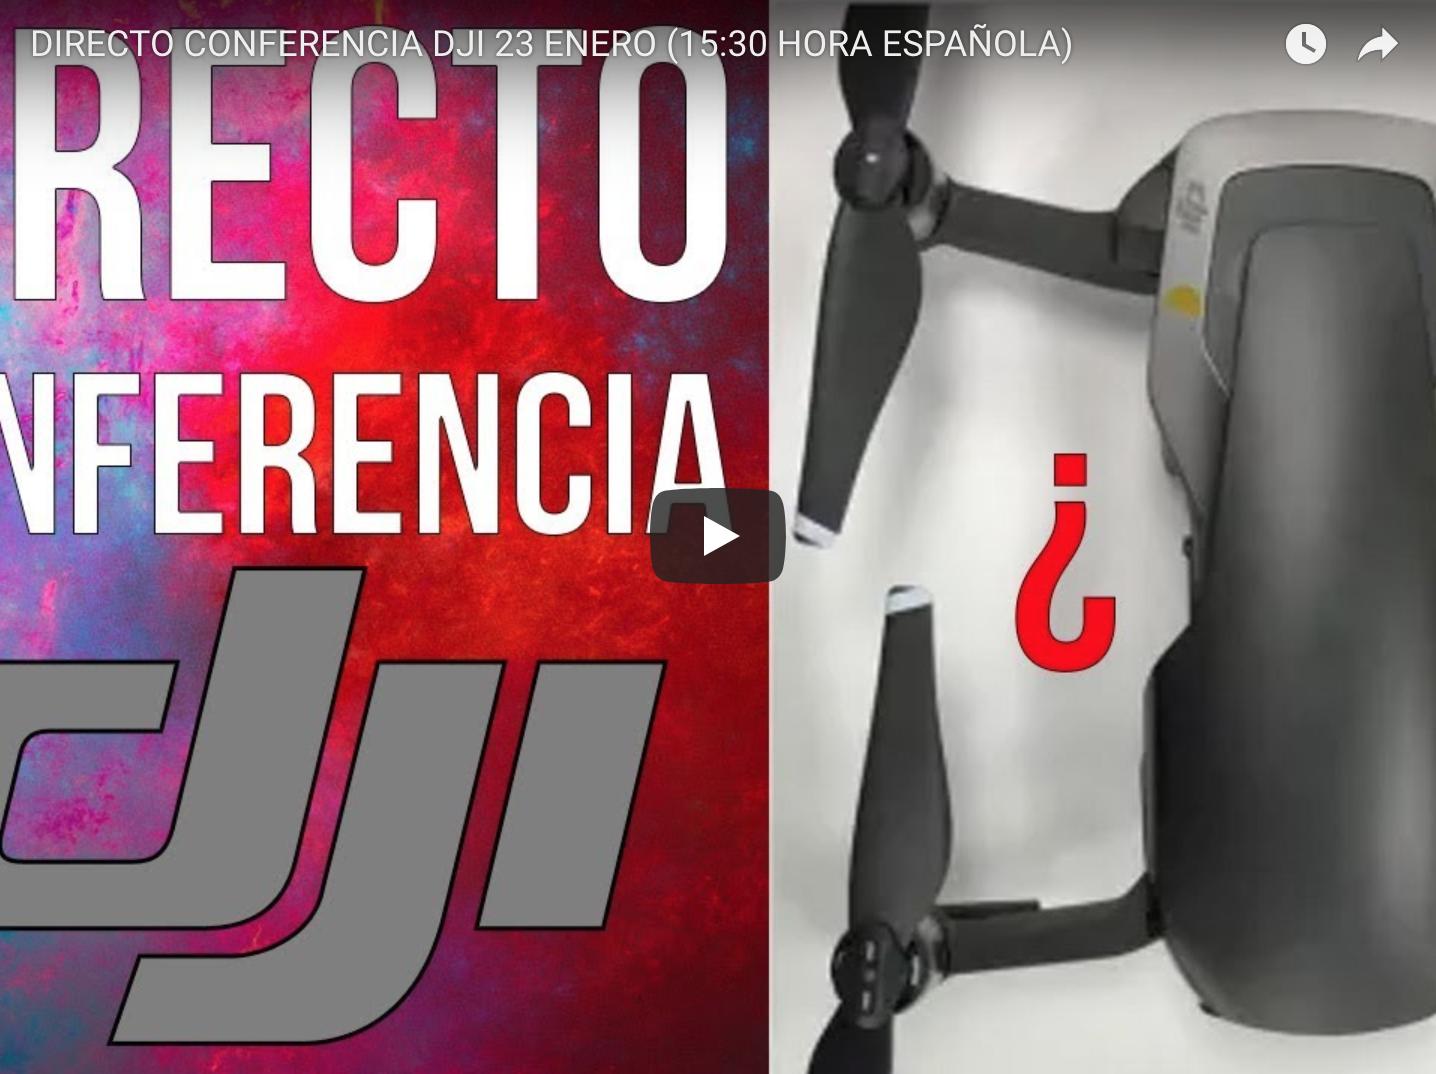 DJI Presenta un nuevo Drone